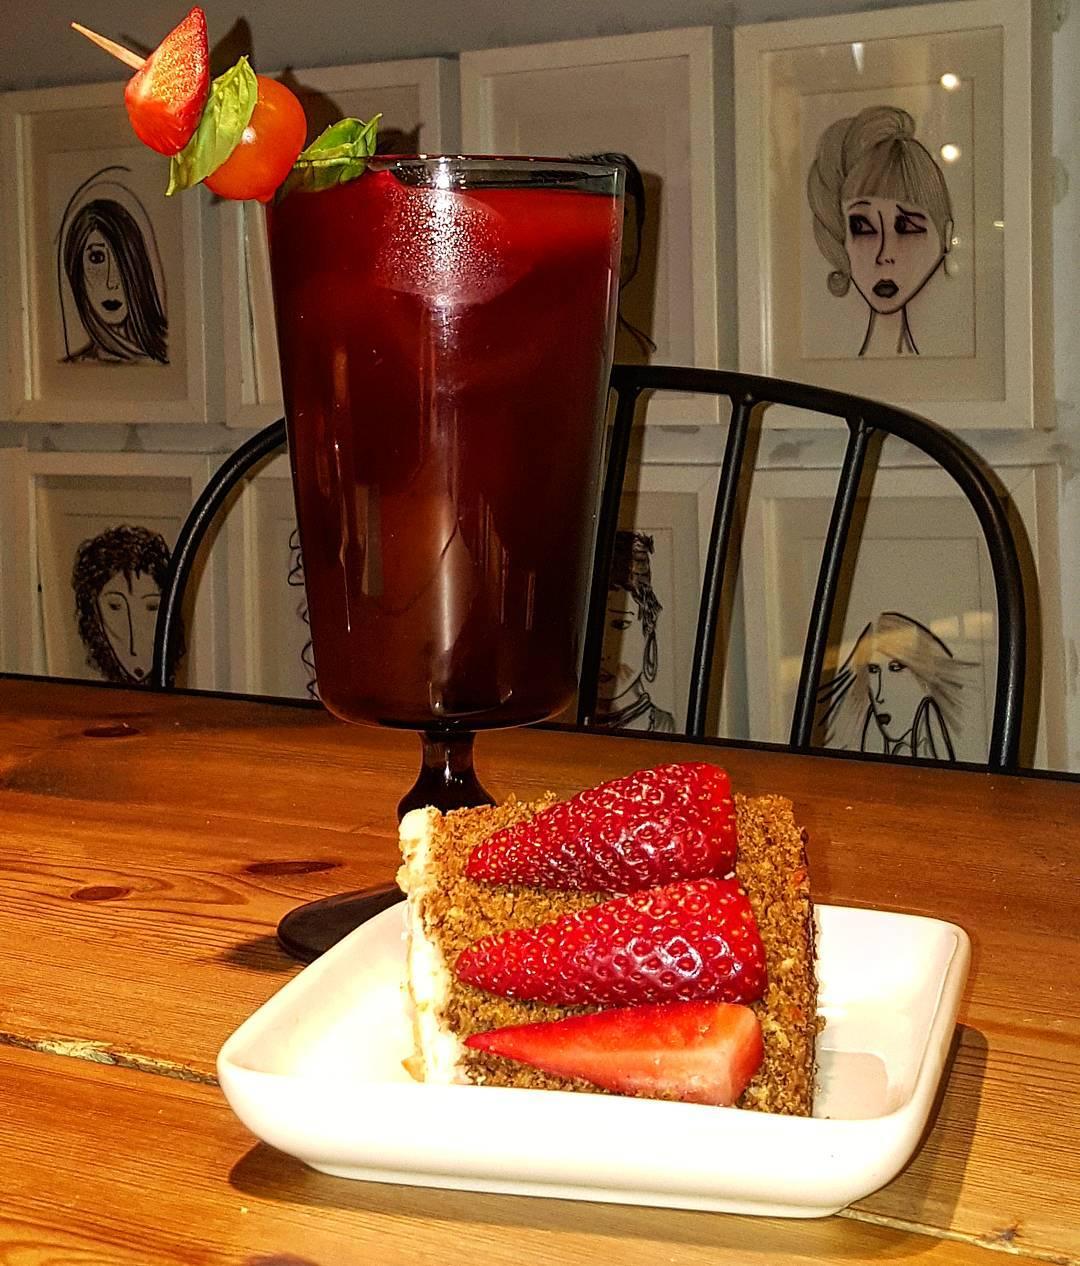 Zumo de fresa y tomate con carrot cake. Nuestro Bloody Mary particular (con o sin alcohol).